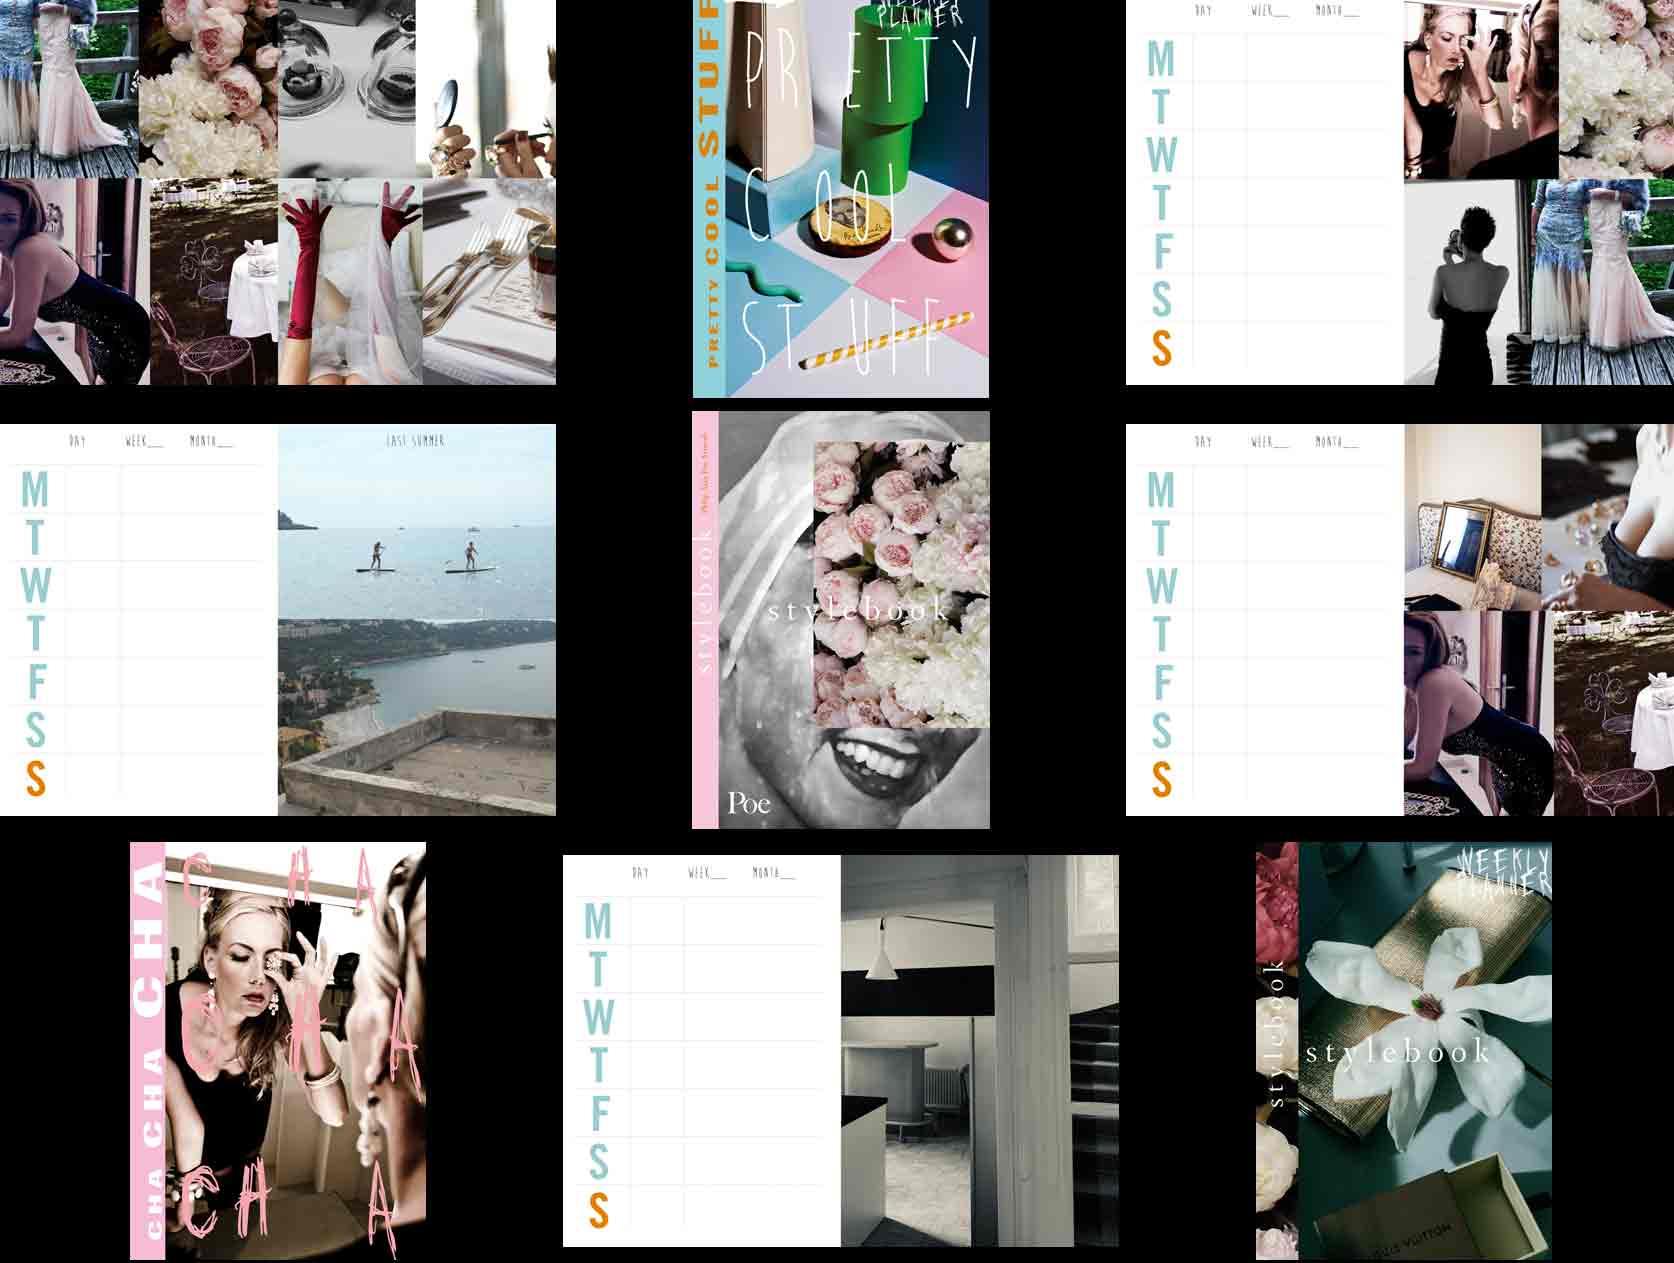 Tischkalender mit Fotos aus dem Eventbereich